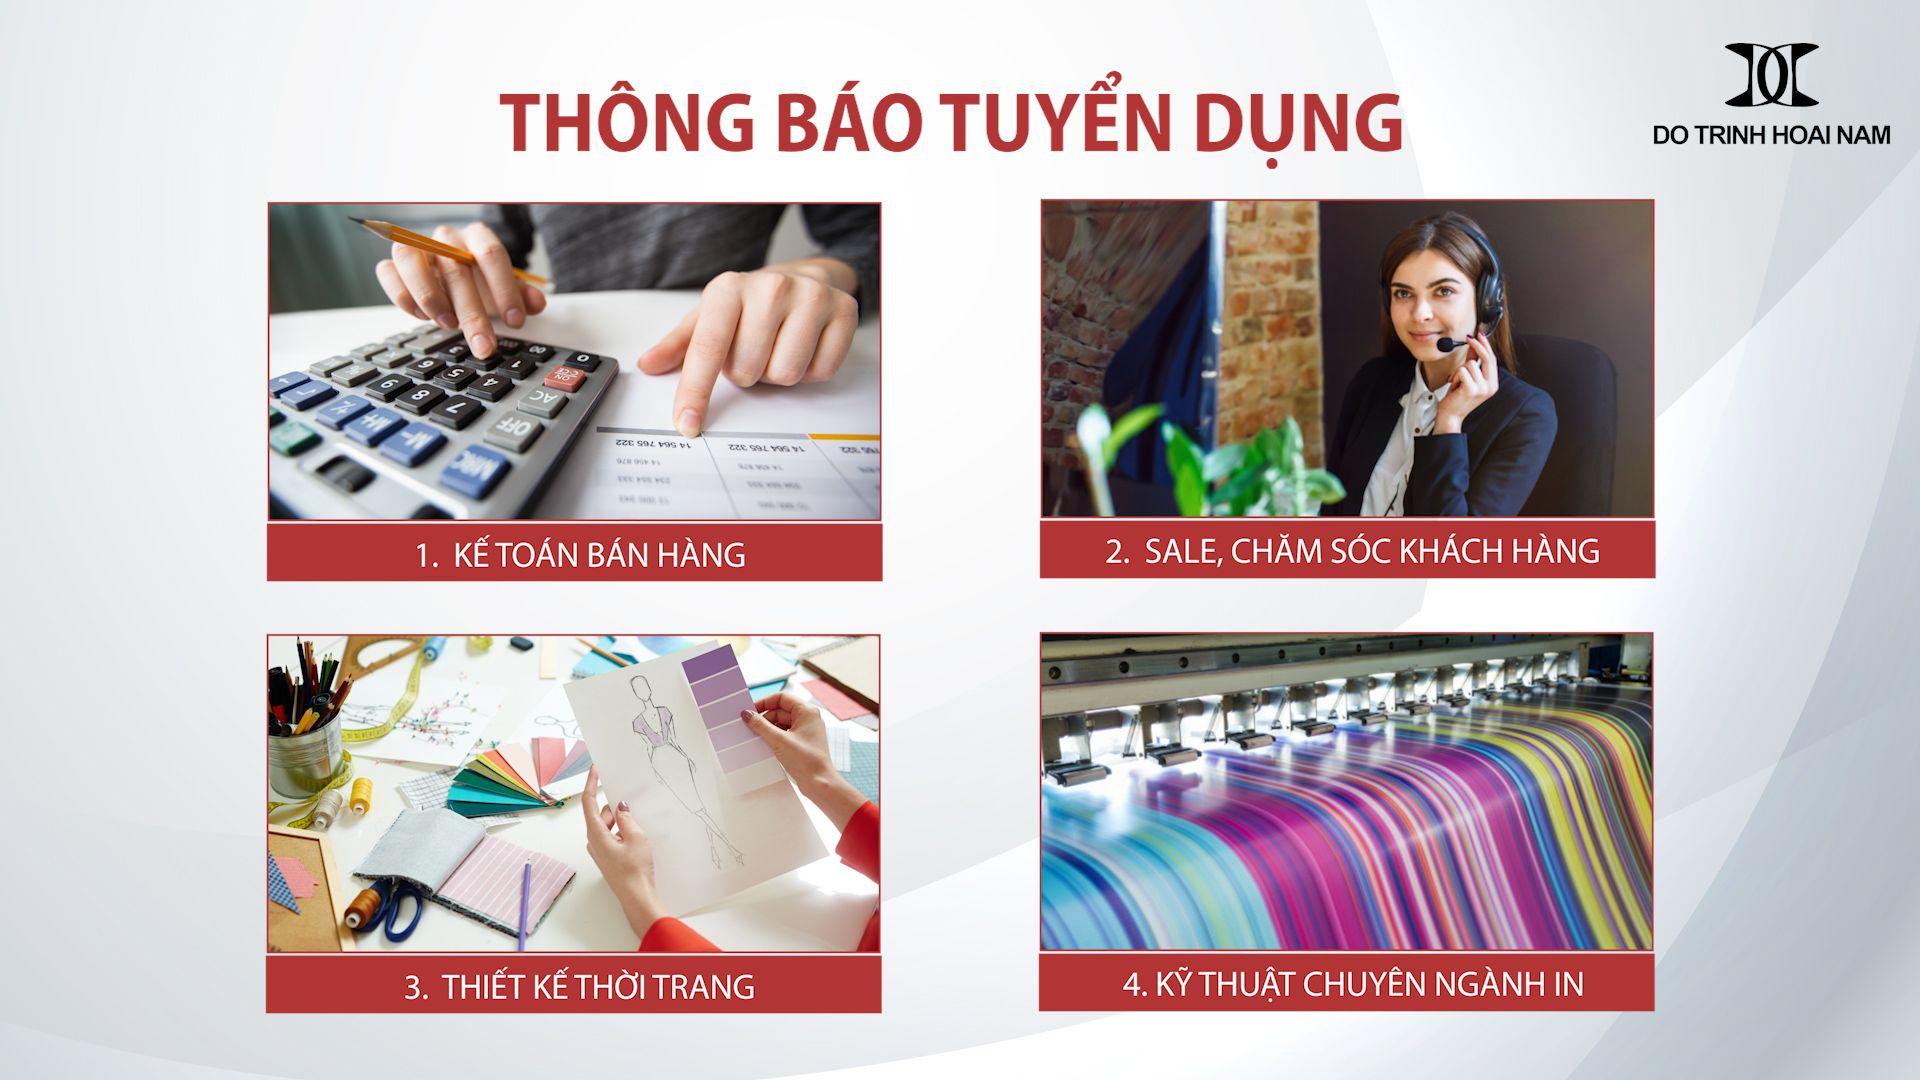 THÔNG BÁO TUYỂN DỤNG - Công ty TNHH Nghiên cứu & Phát triển Sản phẩm Thời trang D&T